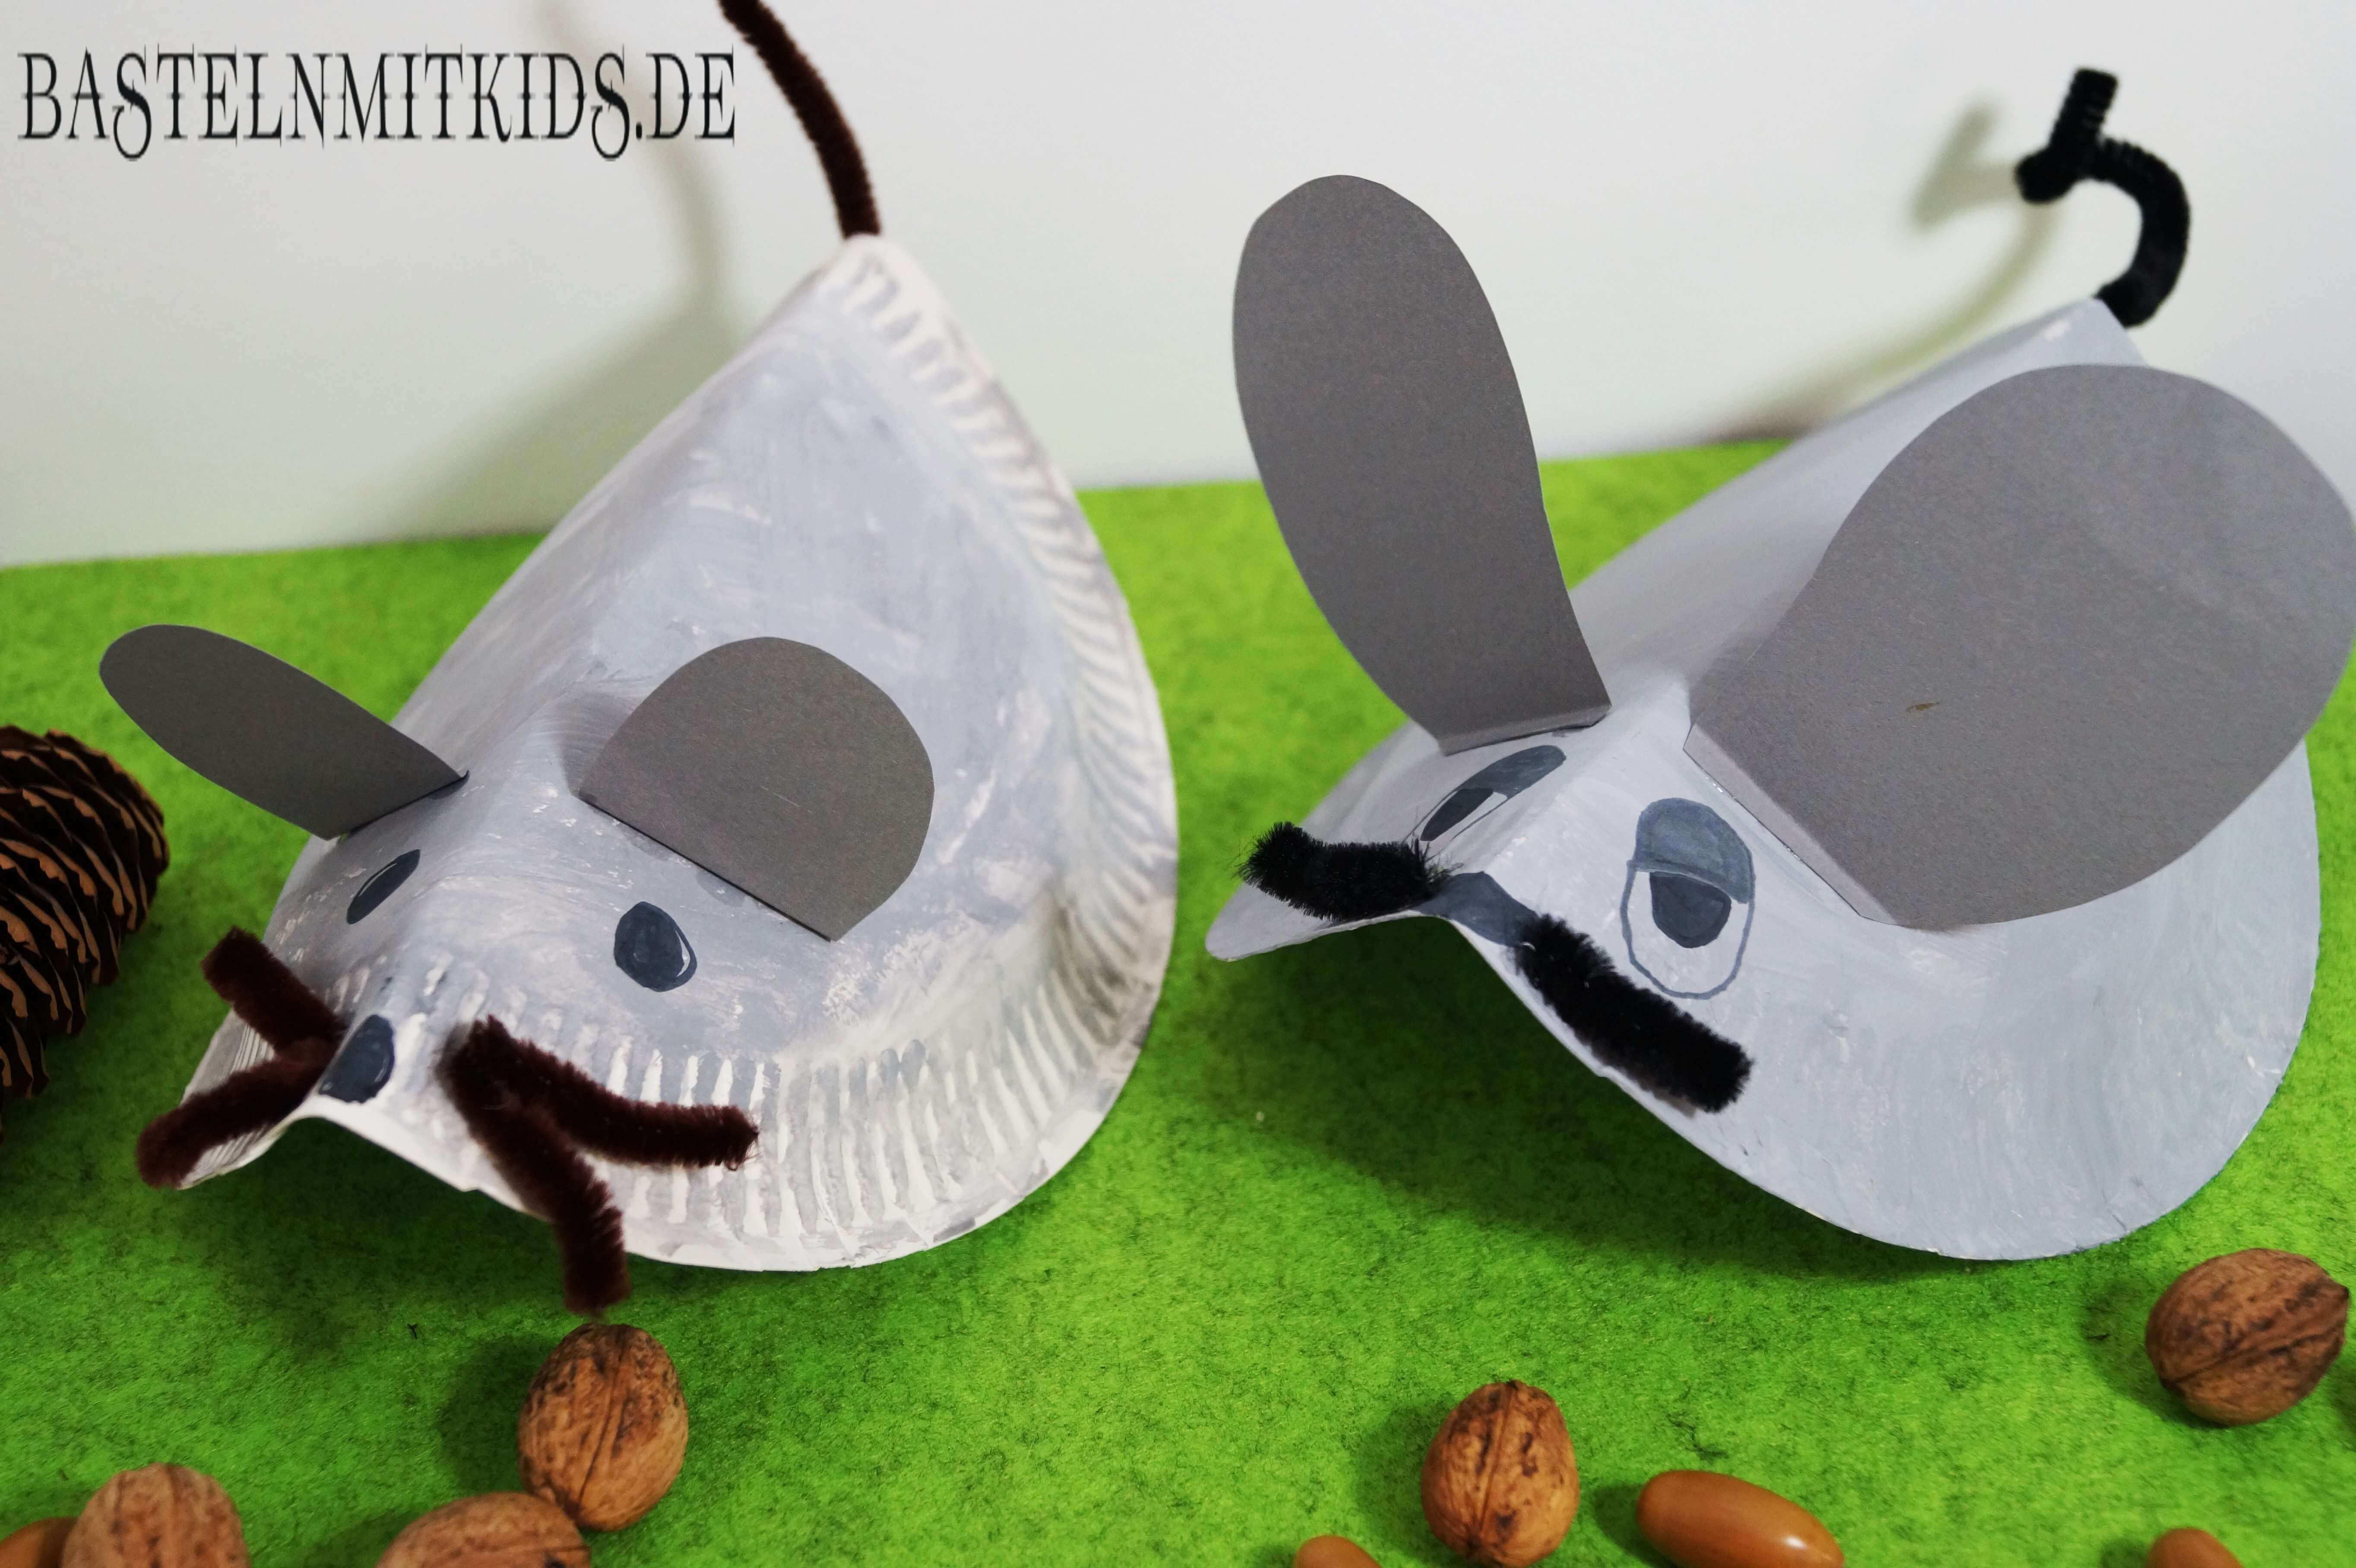 Eine Maus Basteln Mit Papiertellern Basteln Mit Kindern Maus Basteln Basteln Mit Kindern Basteln Mit Pappteller